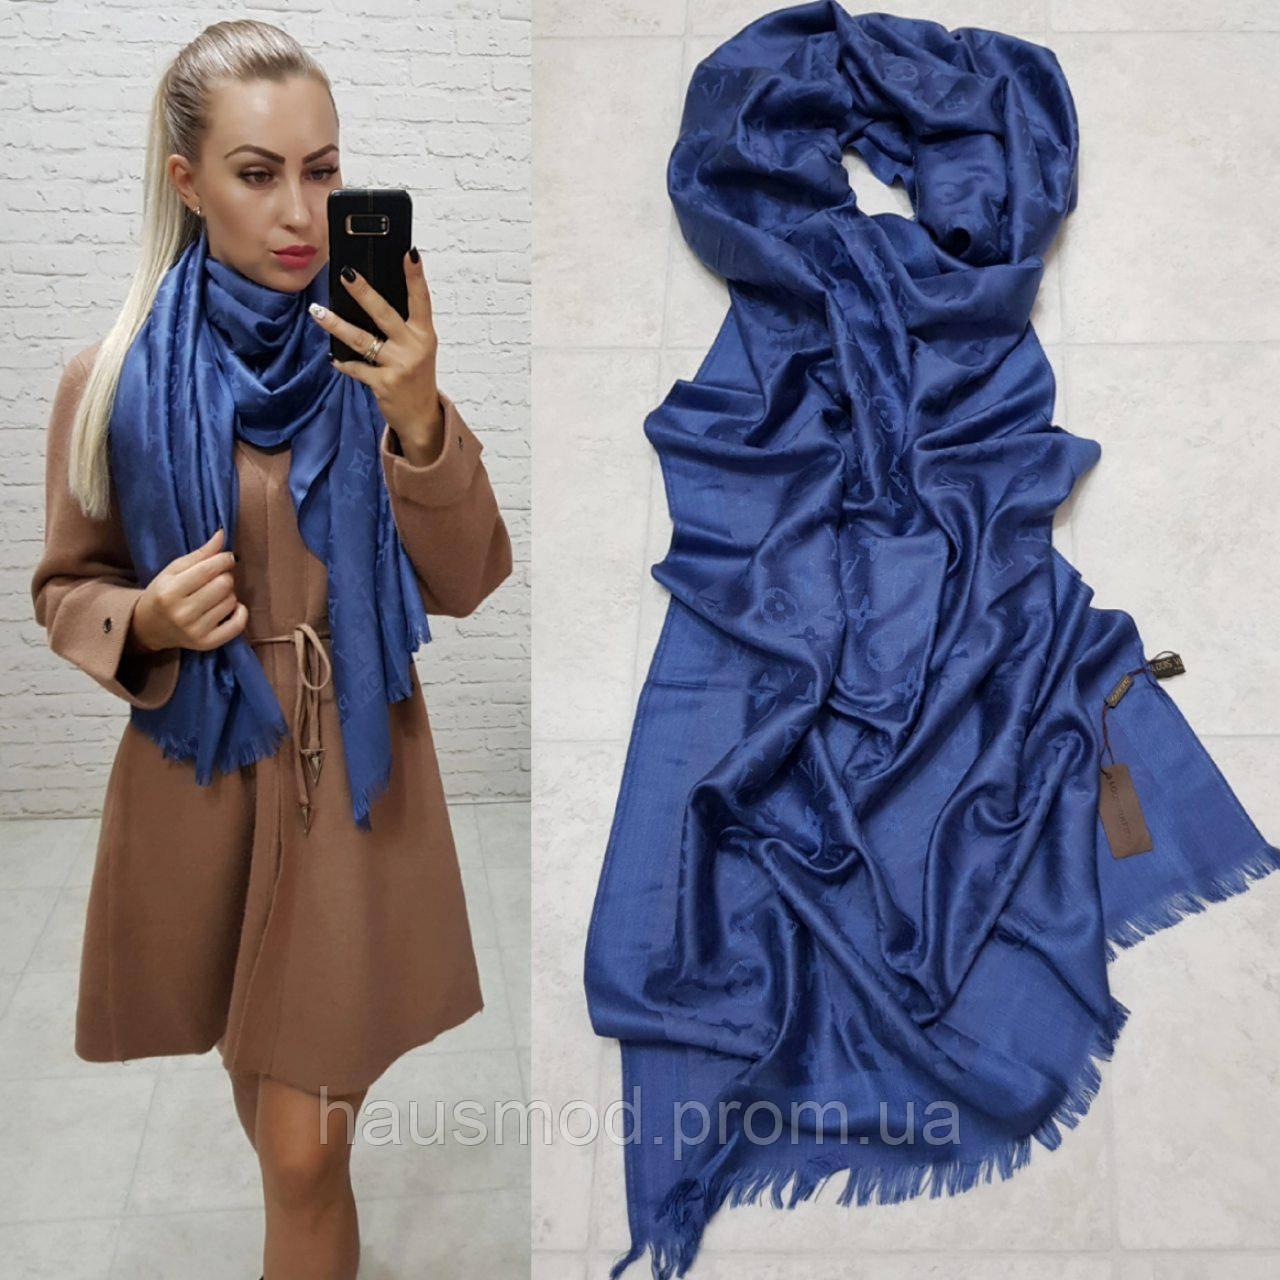 Женский палантин шарф брендовый репликаLouis Vuitton65% шелк 35% кашемир размер 190×0.70 см цвет синий джинс